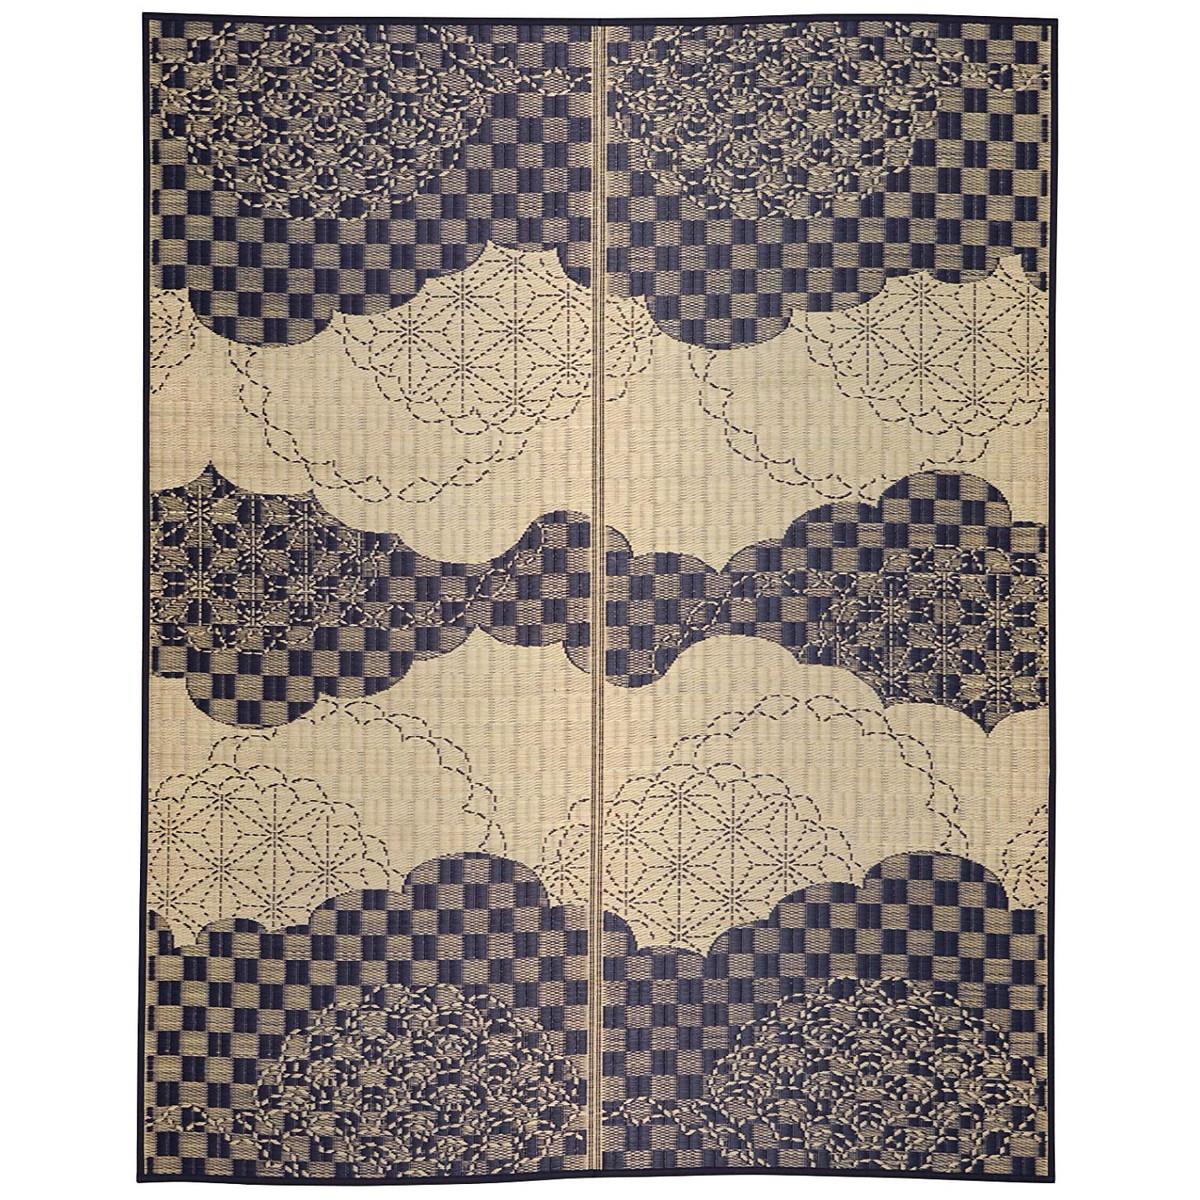 い草センターラグ(裏貼り) WATSUMUGI 約176×176cm 日本各地の伝統柄を表現した「和美模様」シリーズ!【クーポン配布中】